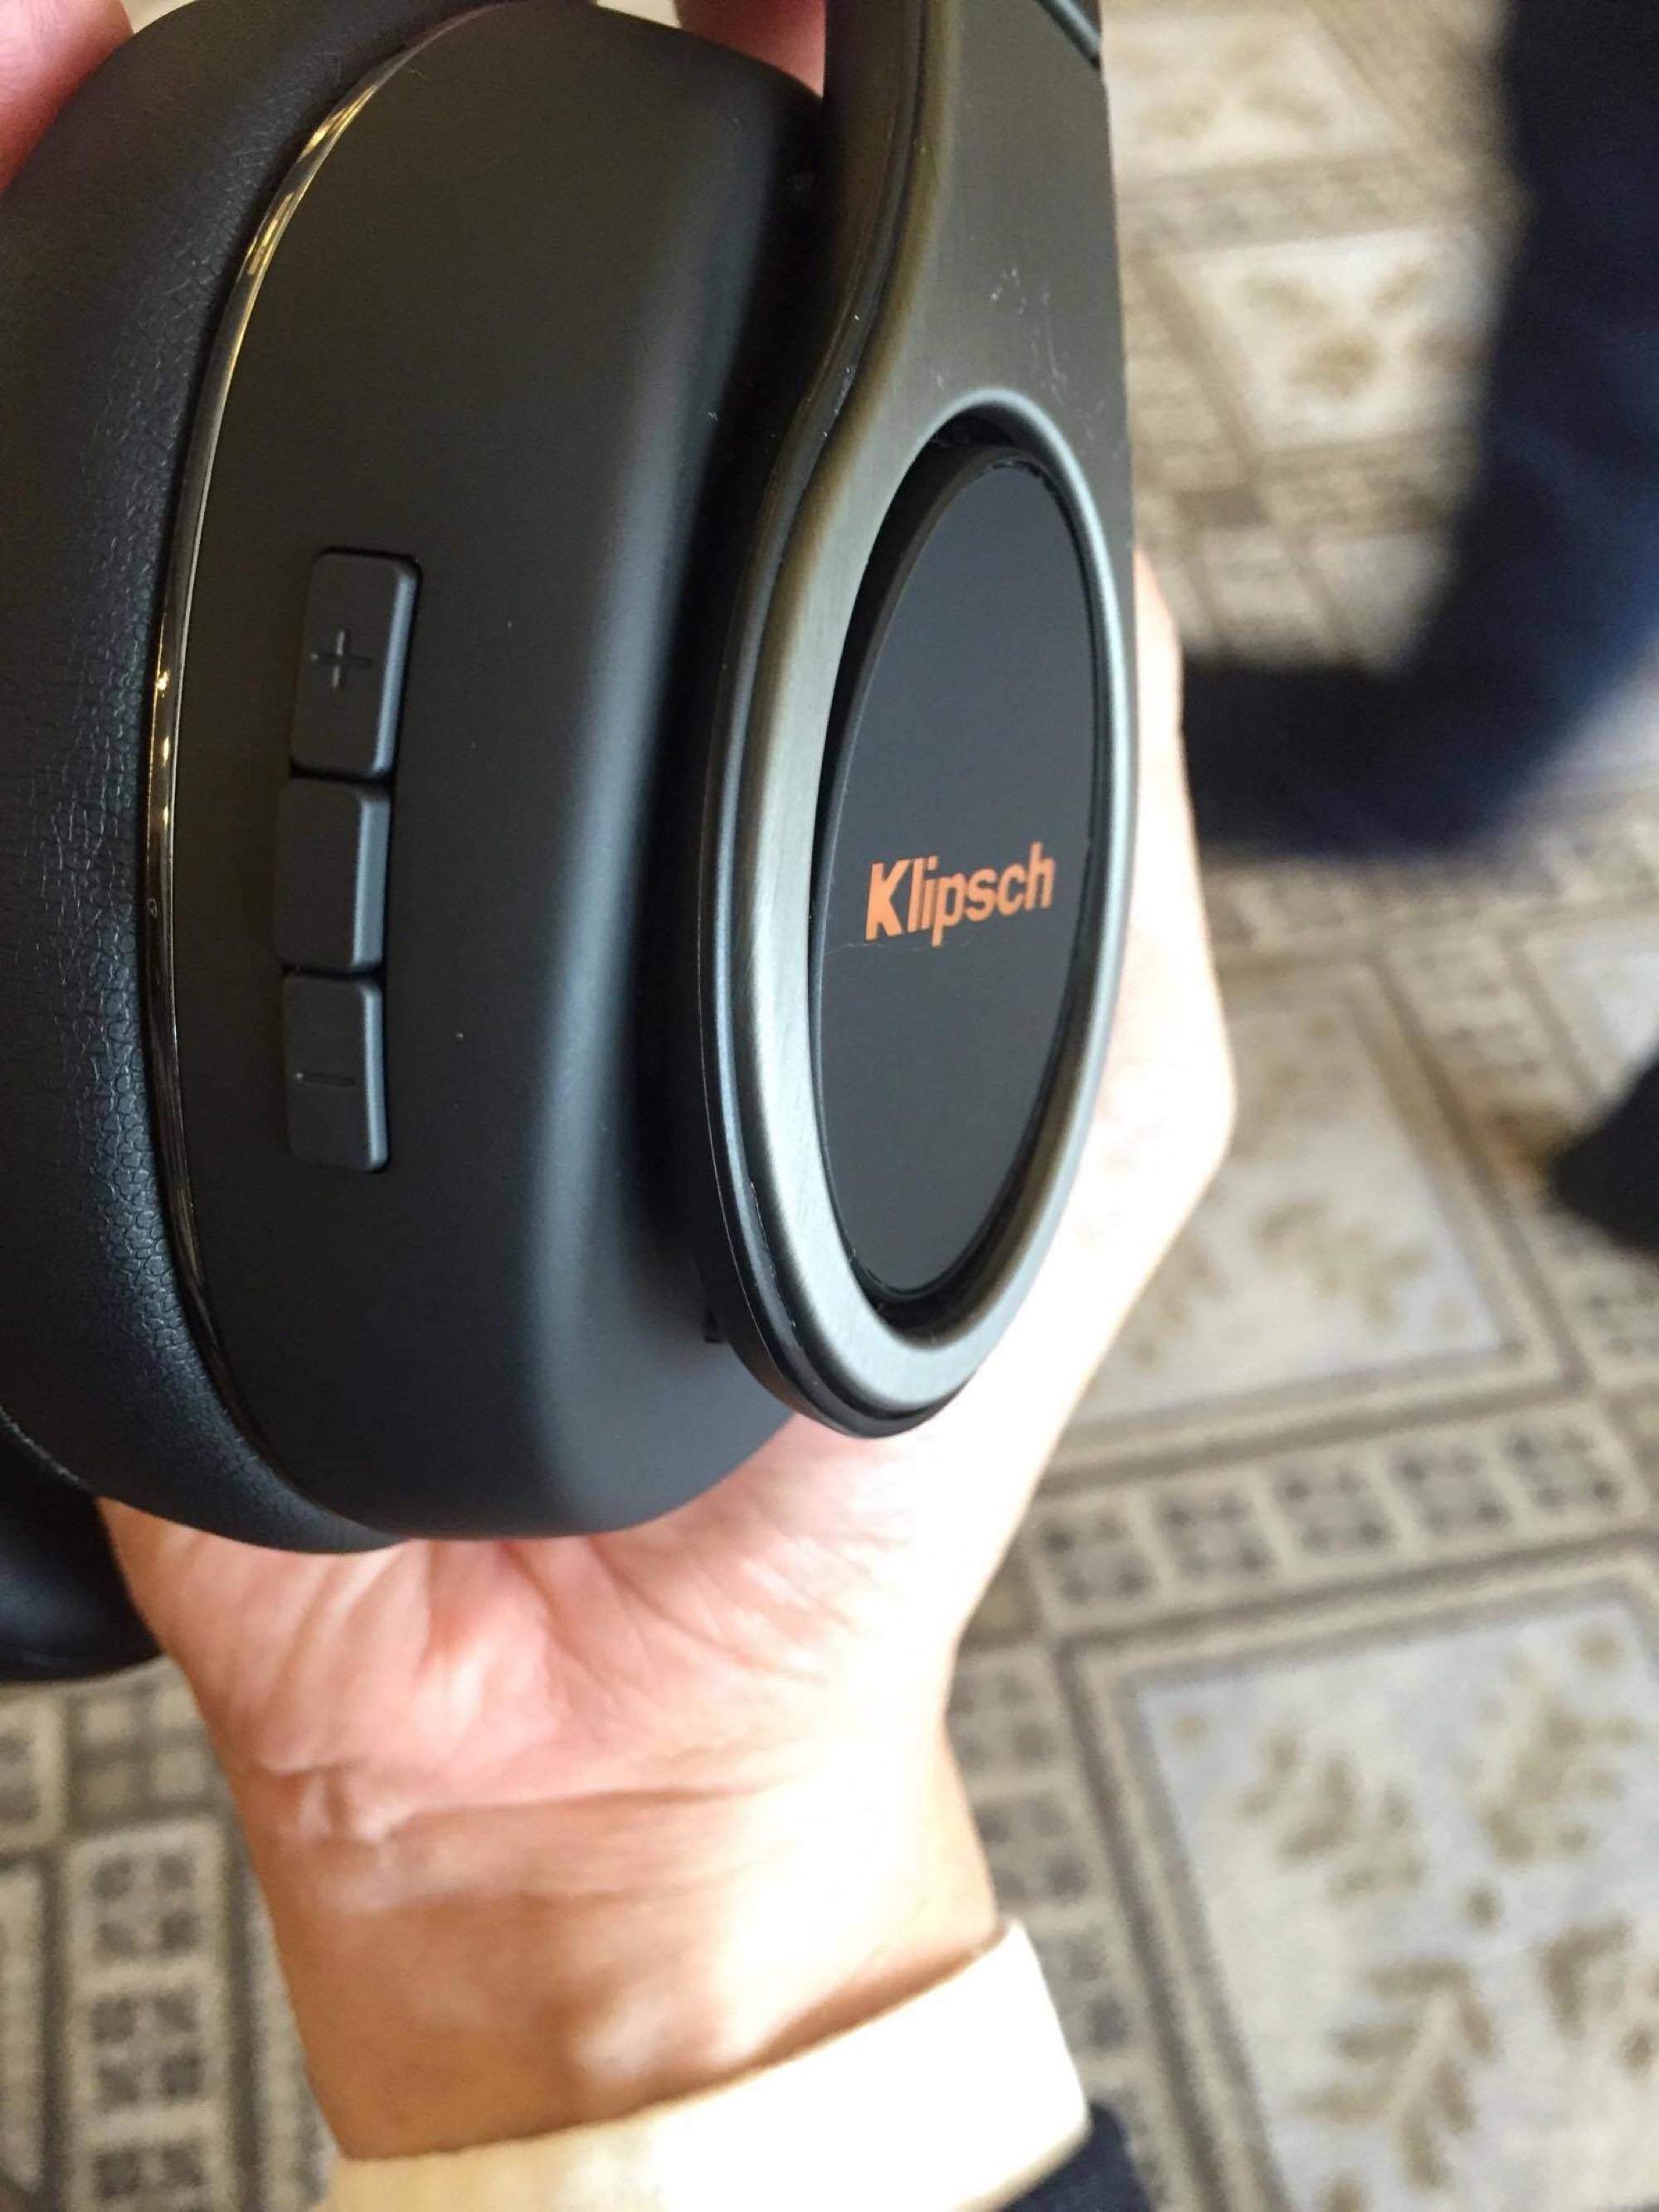 klipsch-headphone4